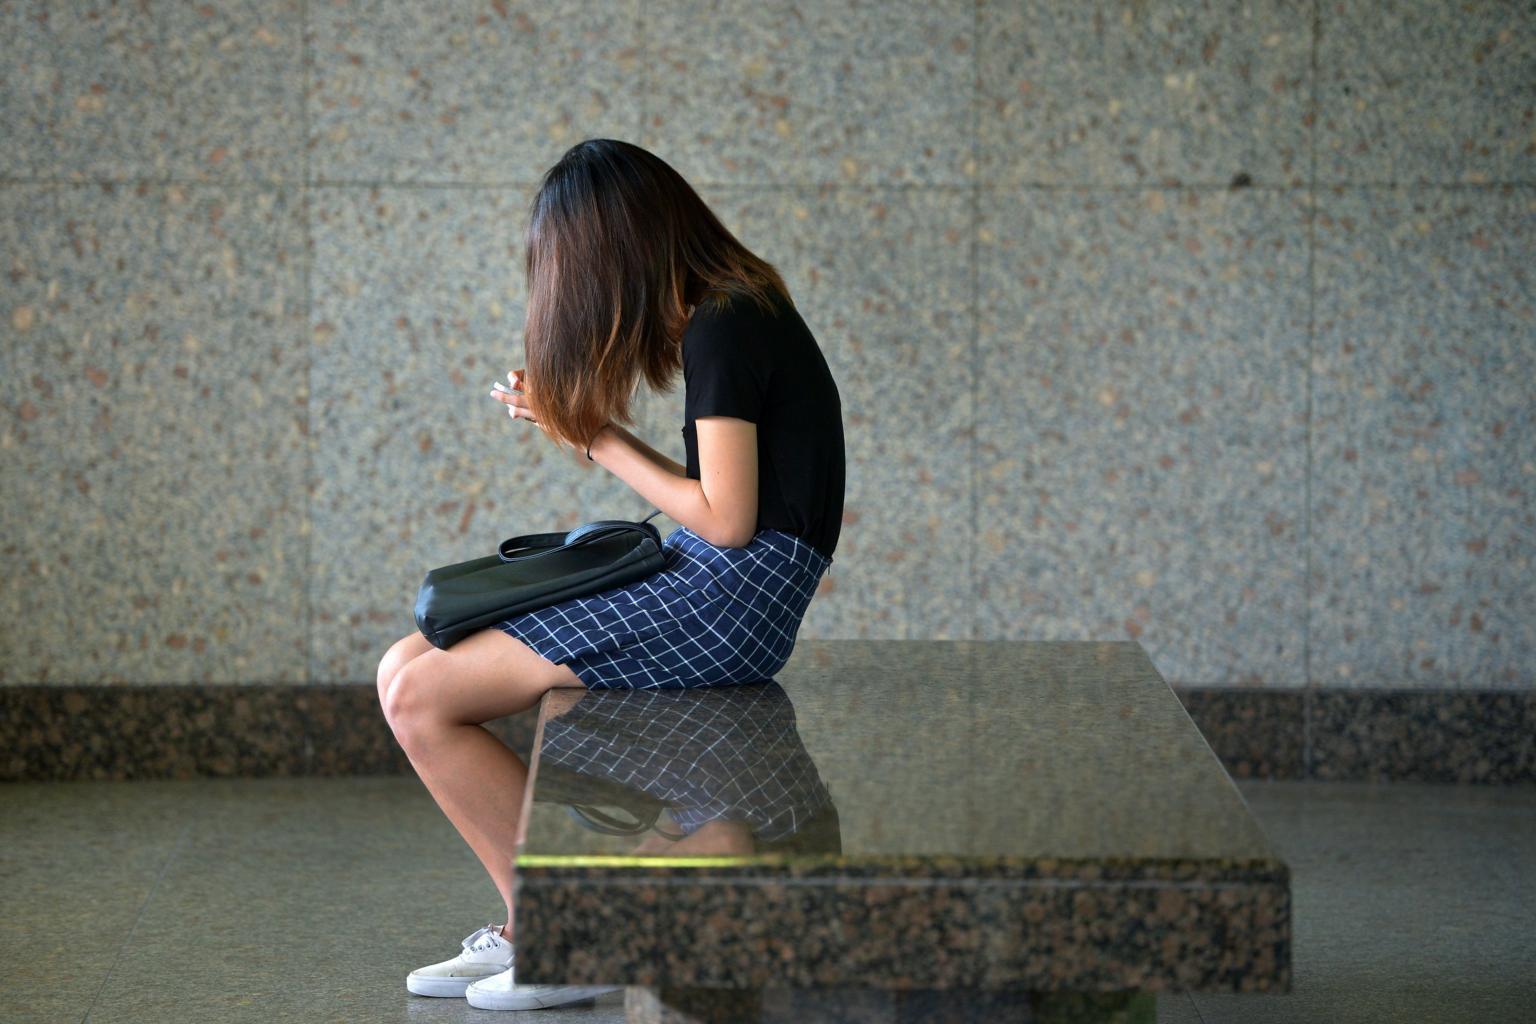 5 chứng bệnh lạ chỉ xuất hiện nhờ sự tồn tại của smartphone: hội chứng cuối gần như ai cũng từng gặp phải - Ảnh 2.